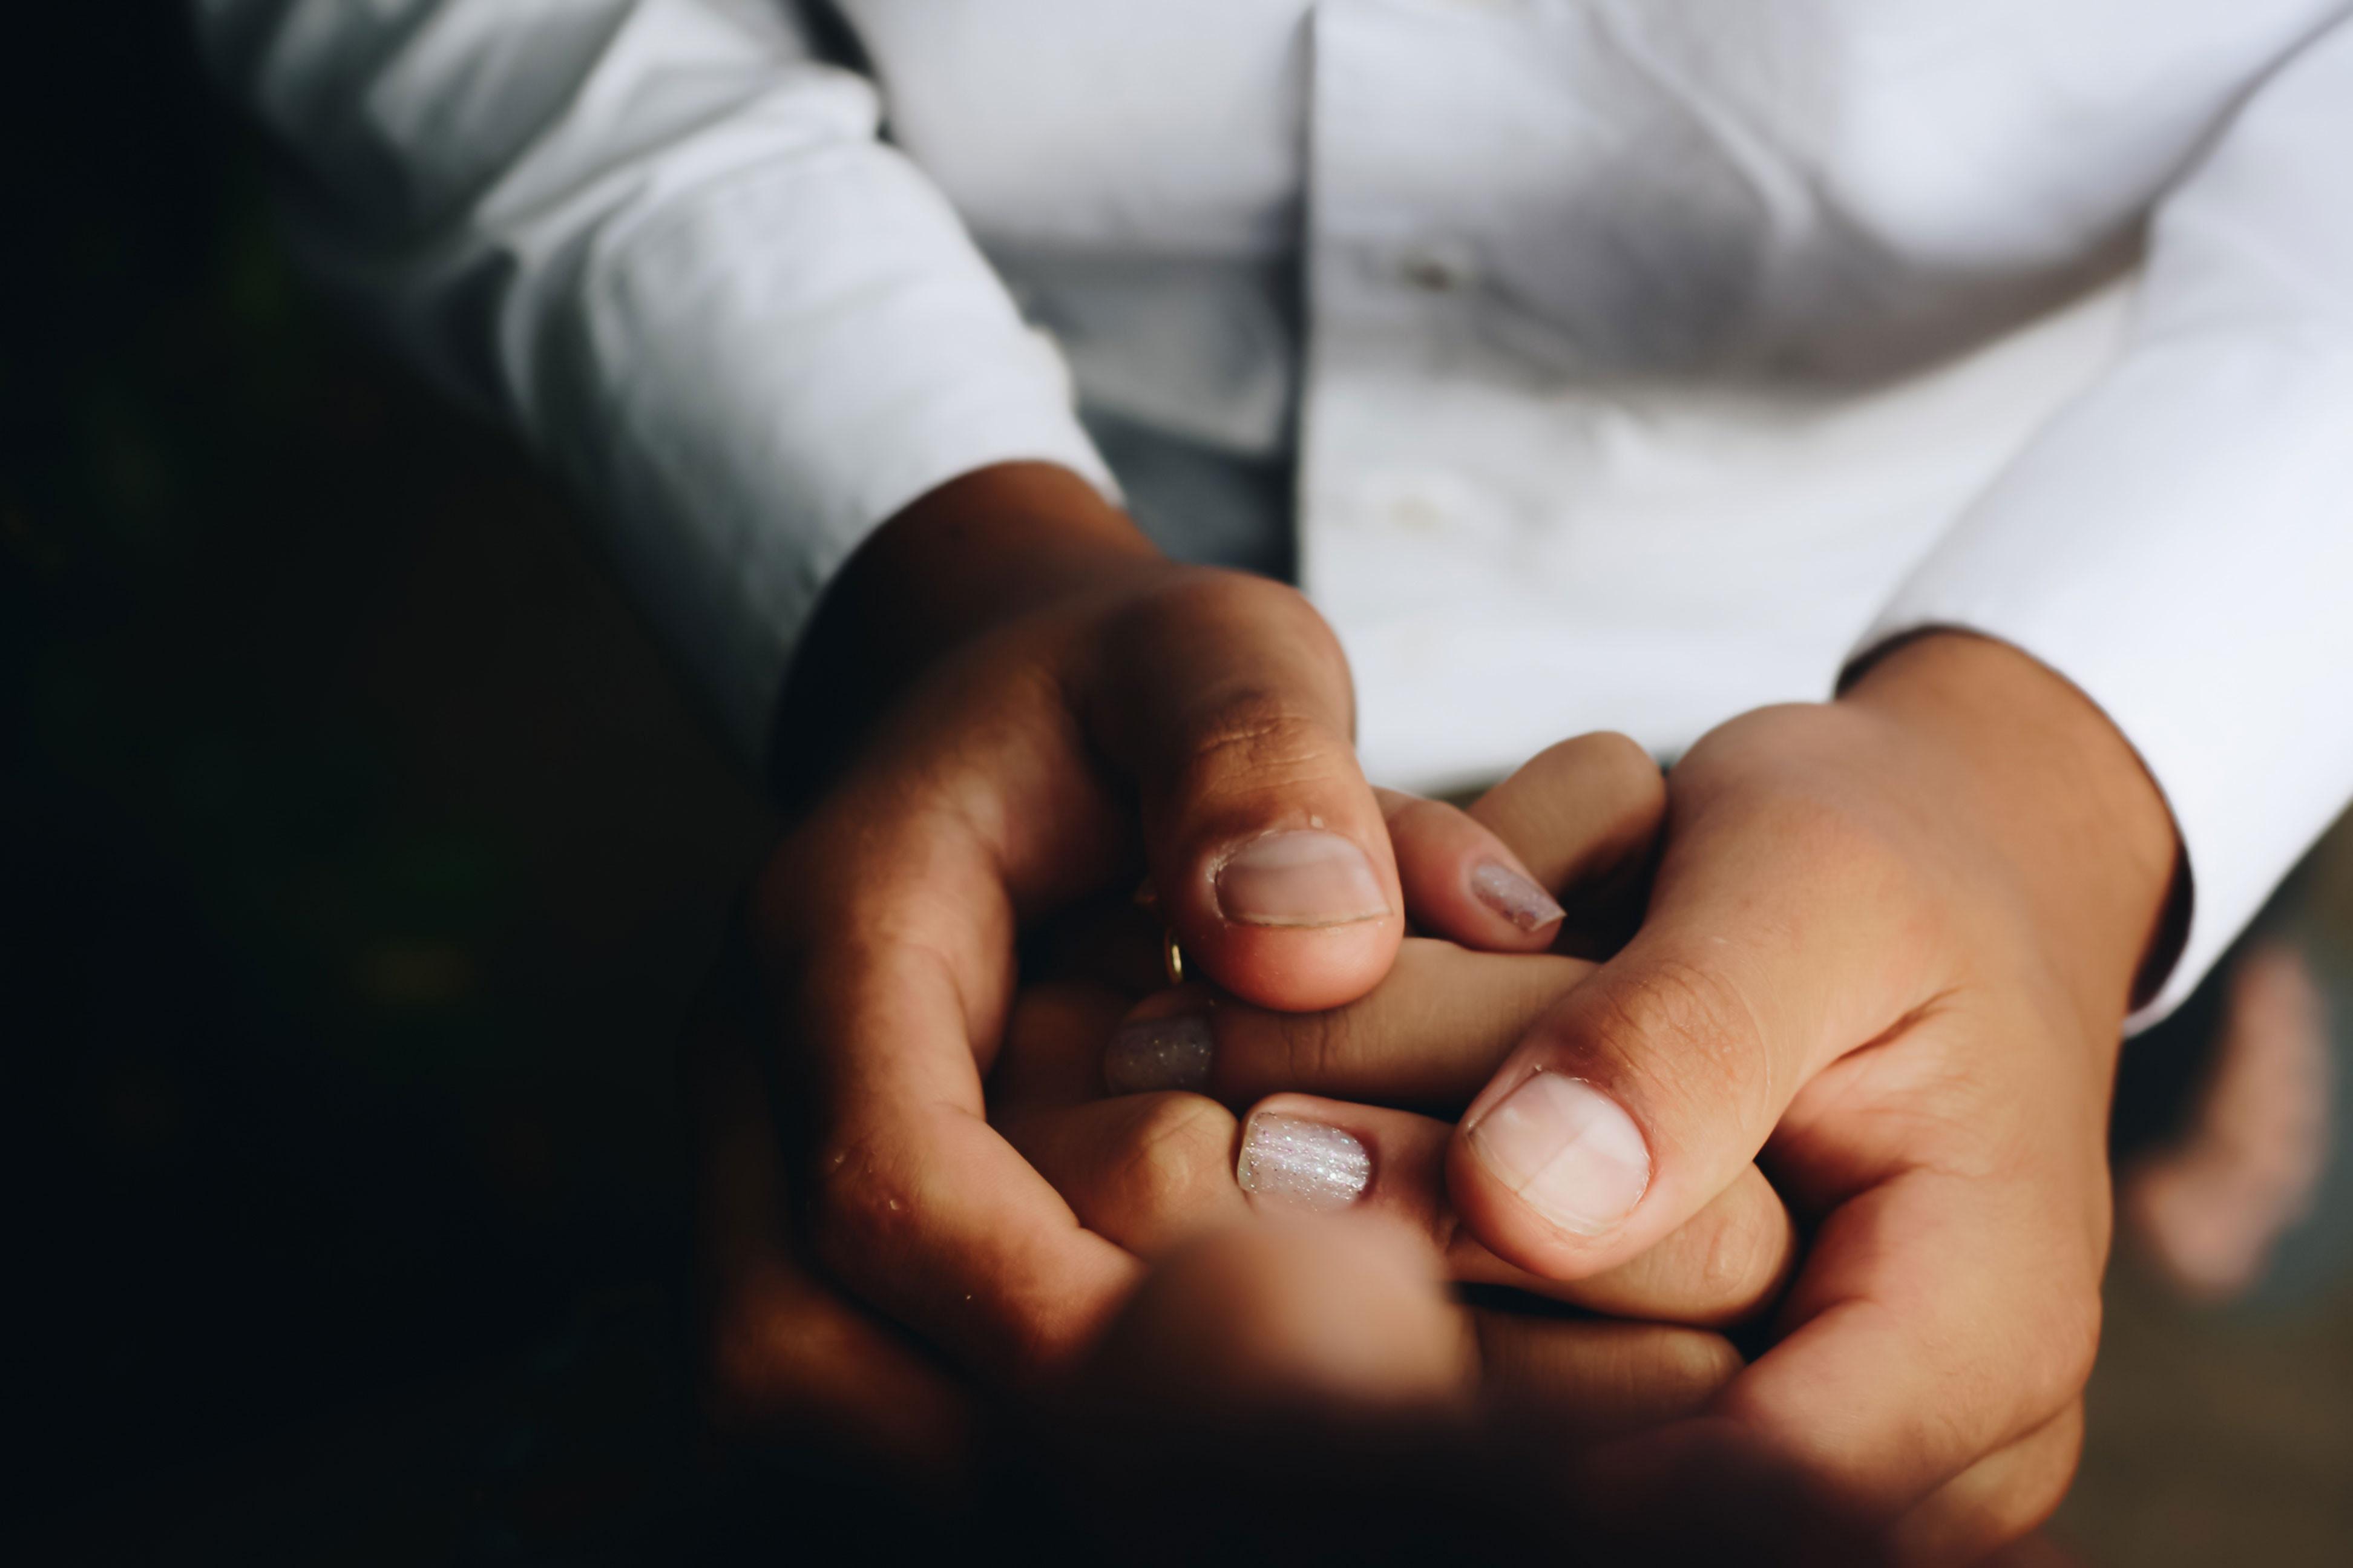 תפילה לשמח חתן וכלה